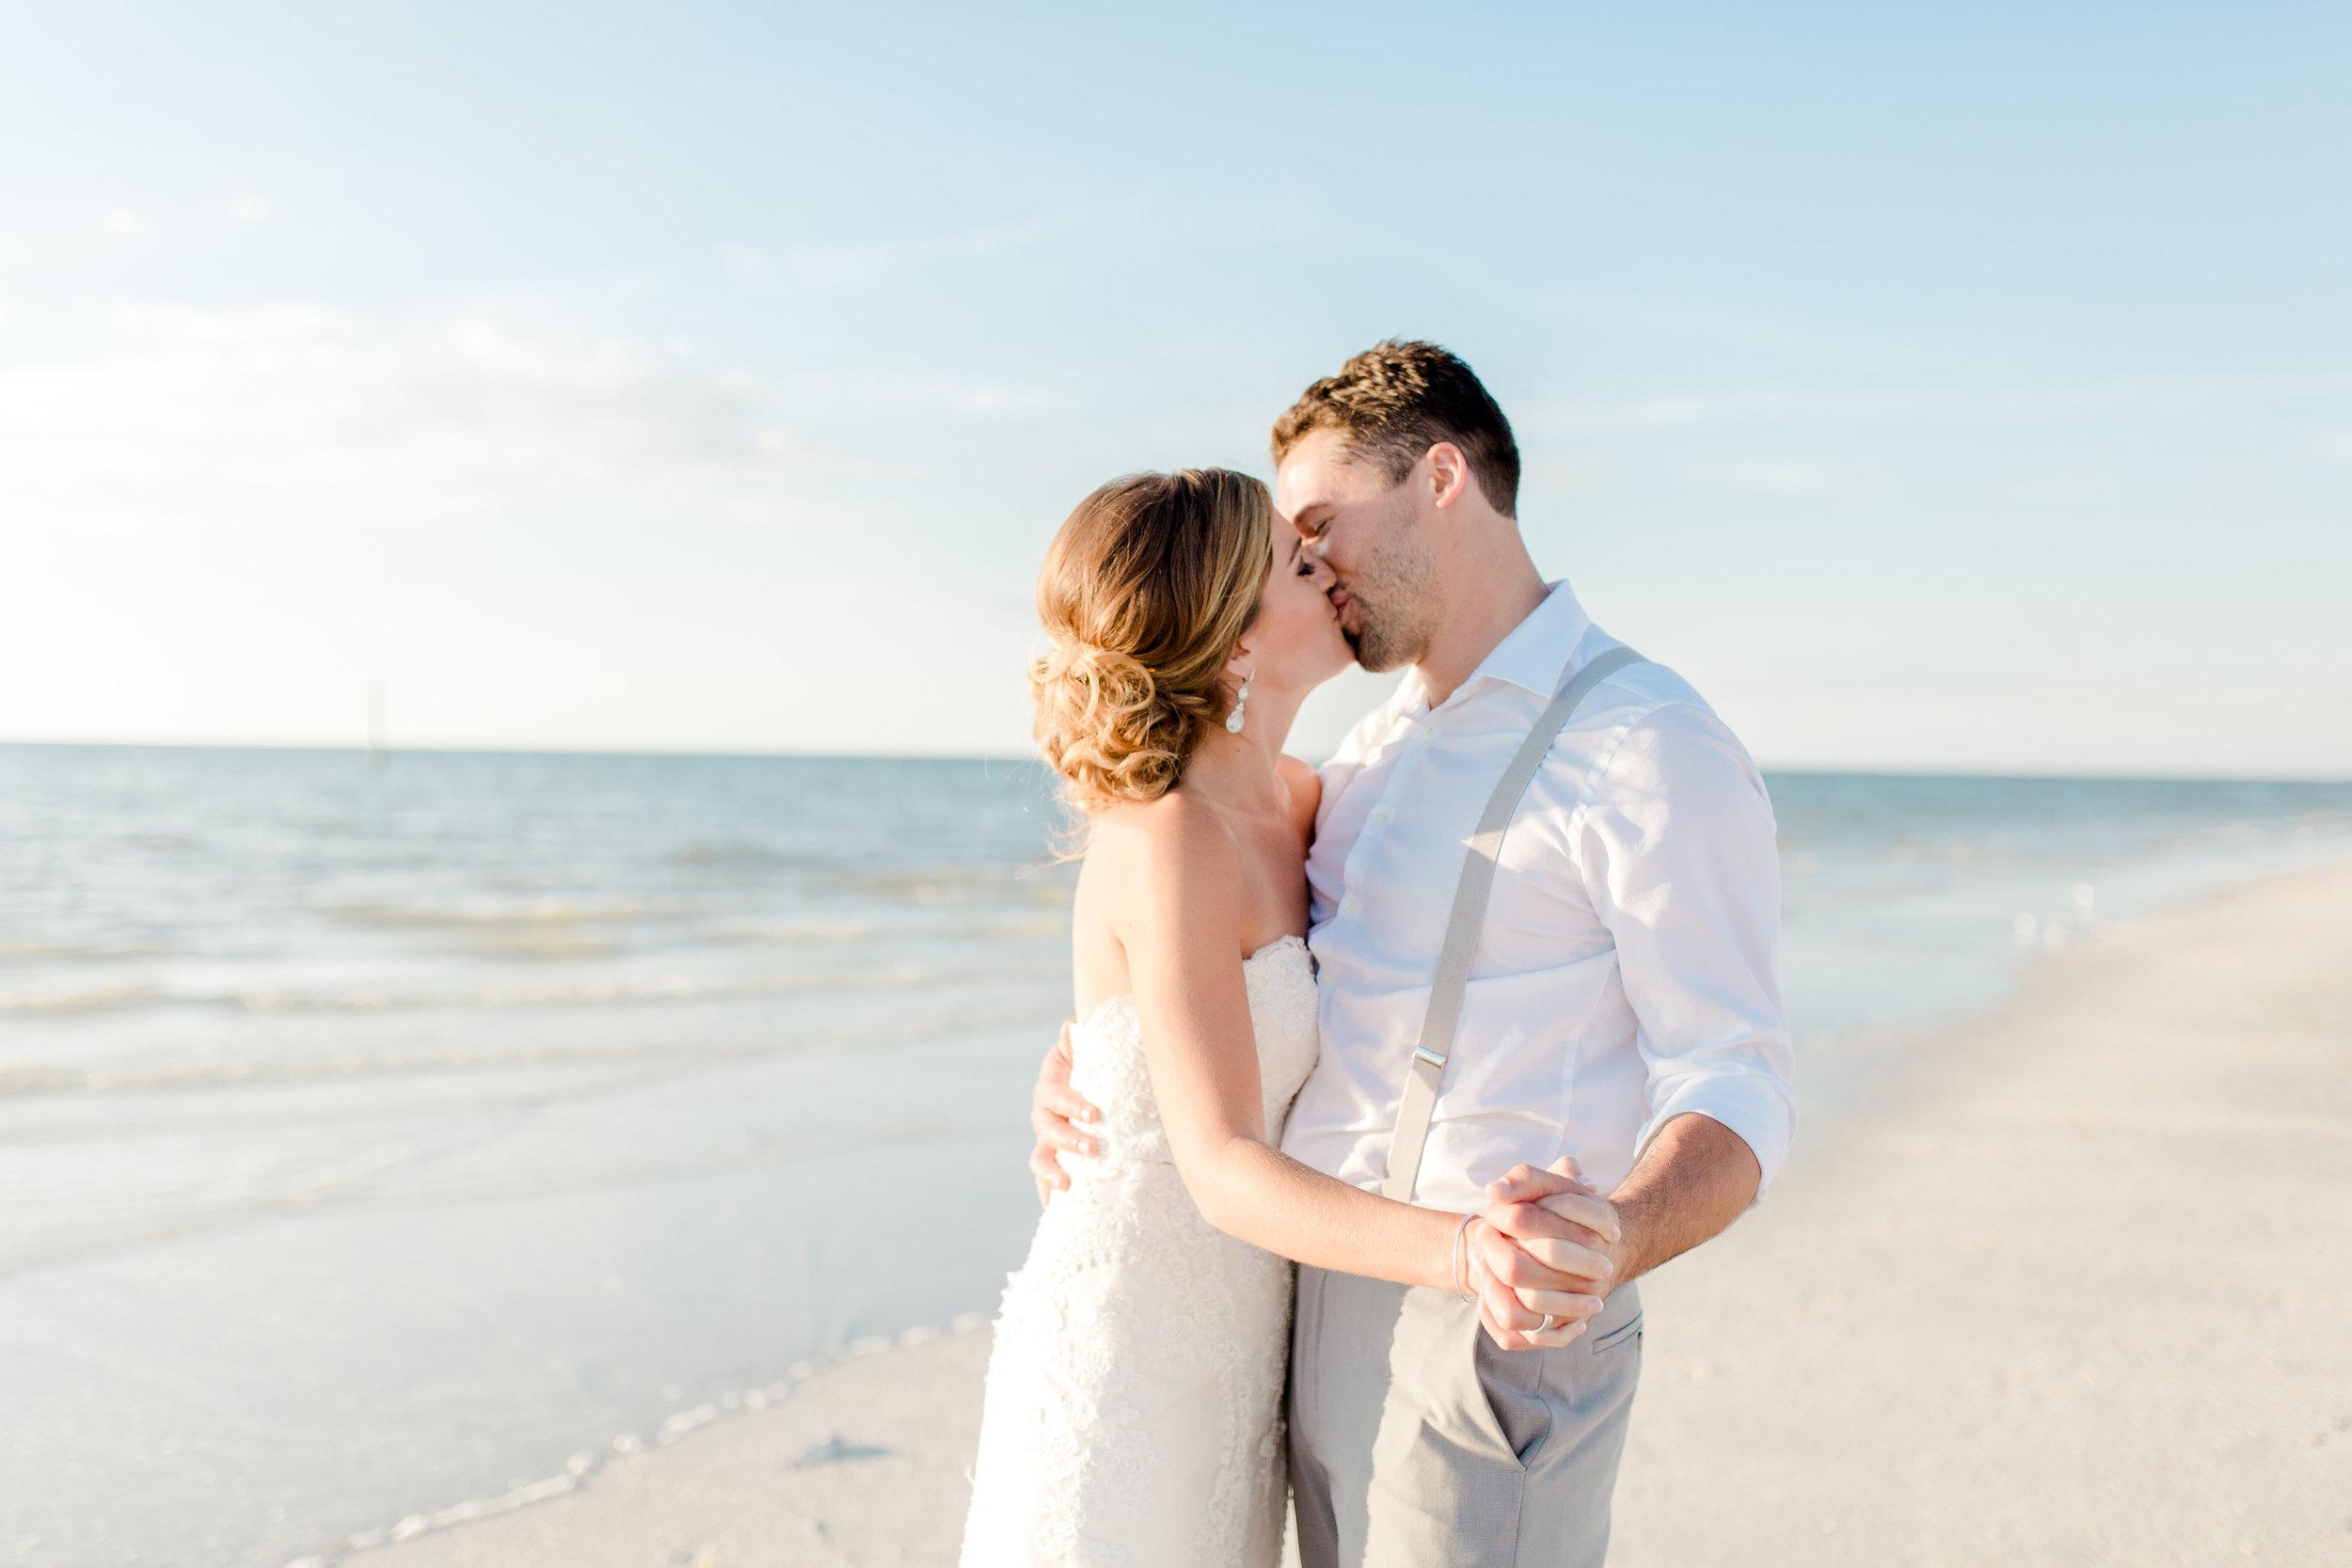 Erin-Jared-clearwater-beach-wedding-portraits-I58A5896.jpg